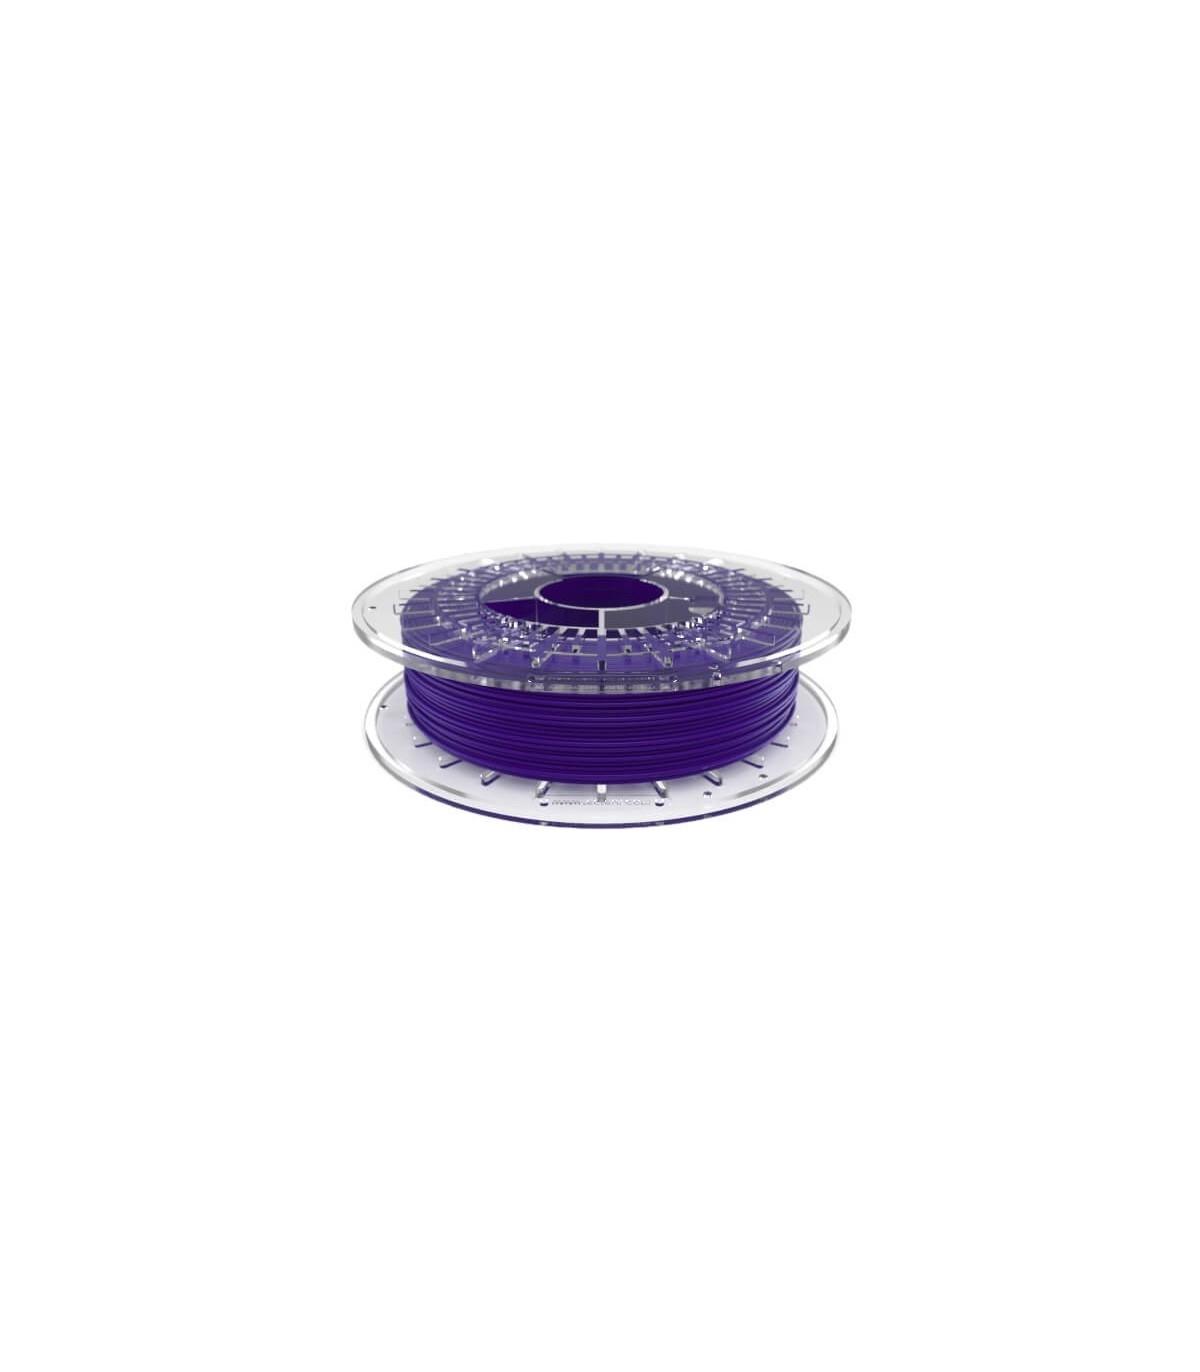 FilaFlex Purple 82A TPE Filament 1.75 mm 500g